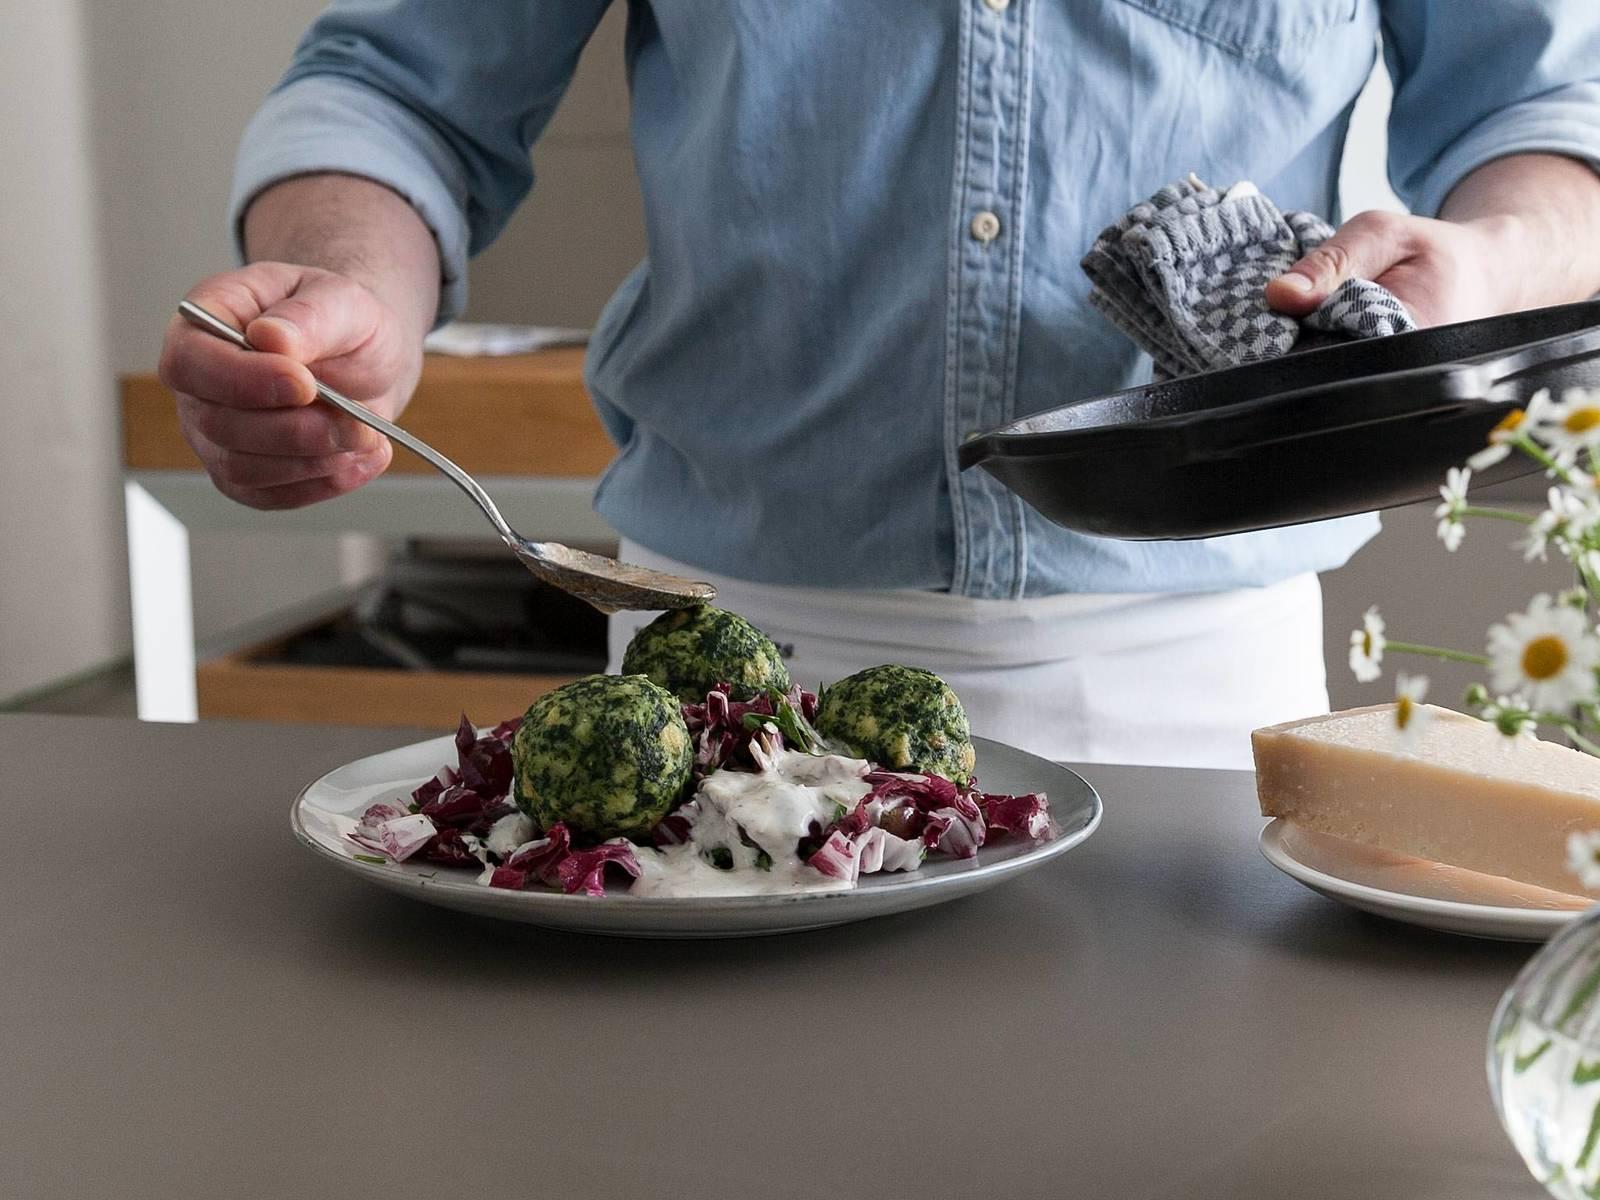 在小平底锅中,中火融化黄油。调至小火,加热黄油8分钟,或直至黄油变棕色。用盘子呈上沙拉,淋上酸奶酱汁。放上菠菜饺子,淋上焦黄油。佐以新鲜擦屑的帕马森干酪享用吧!